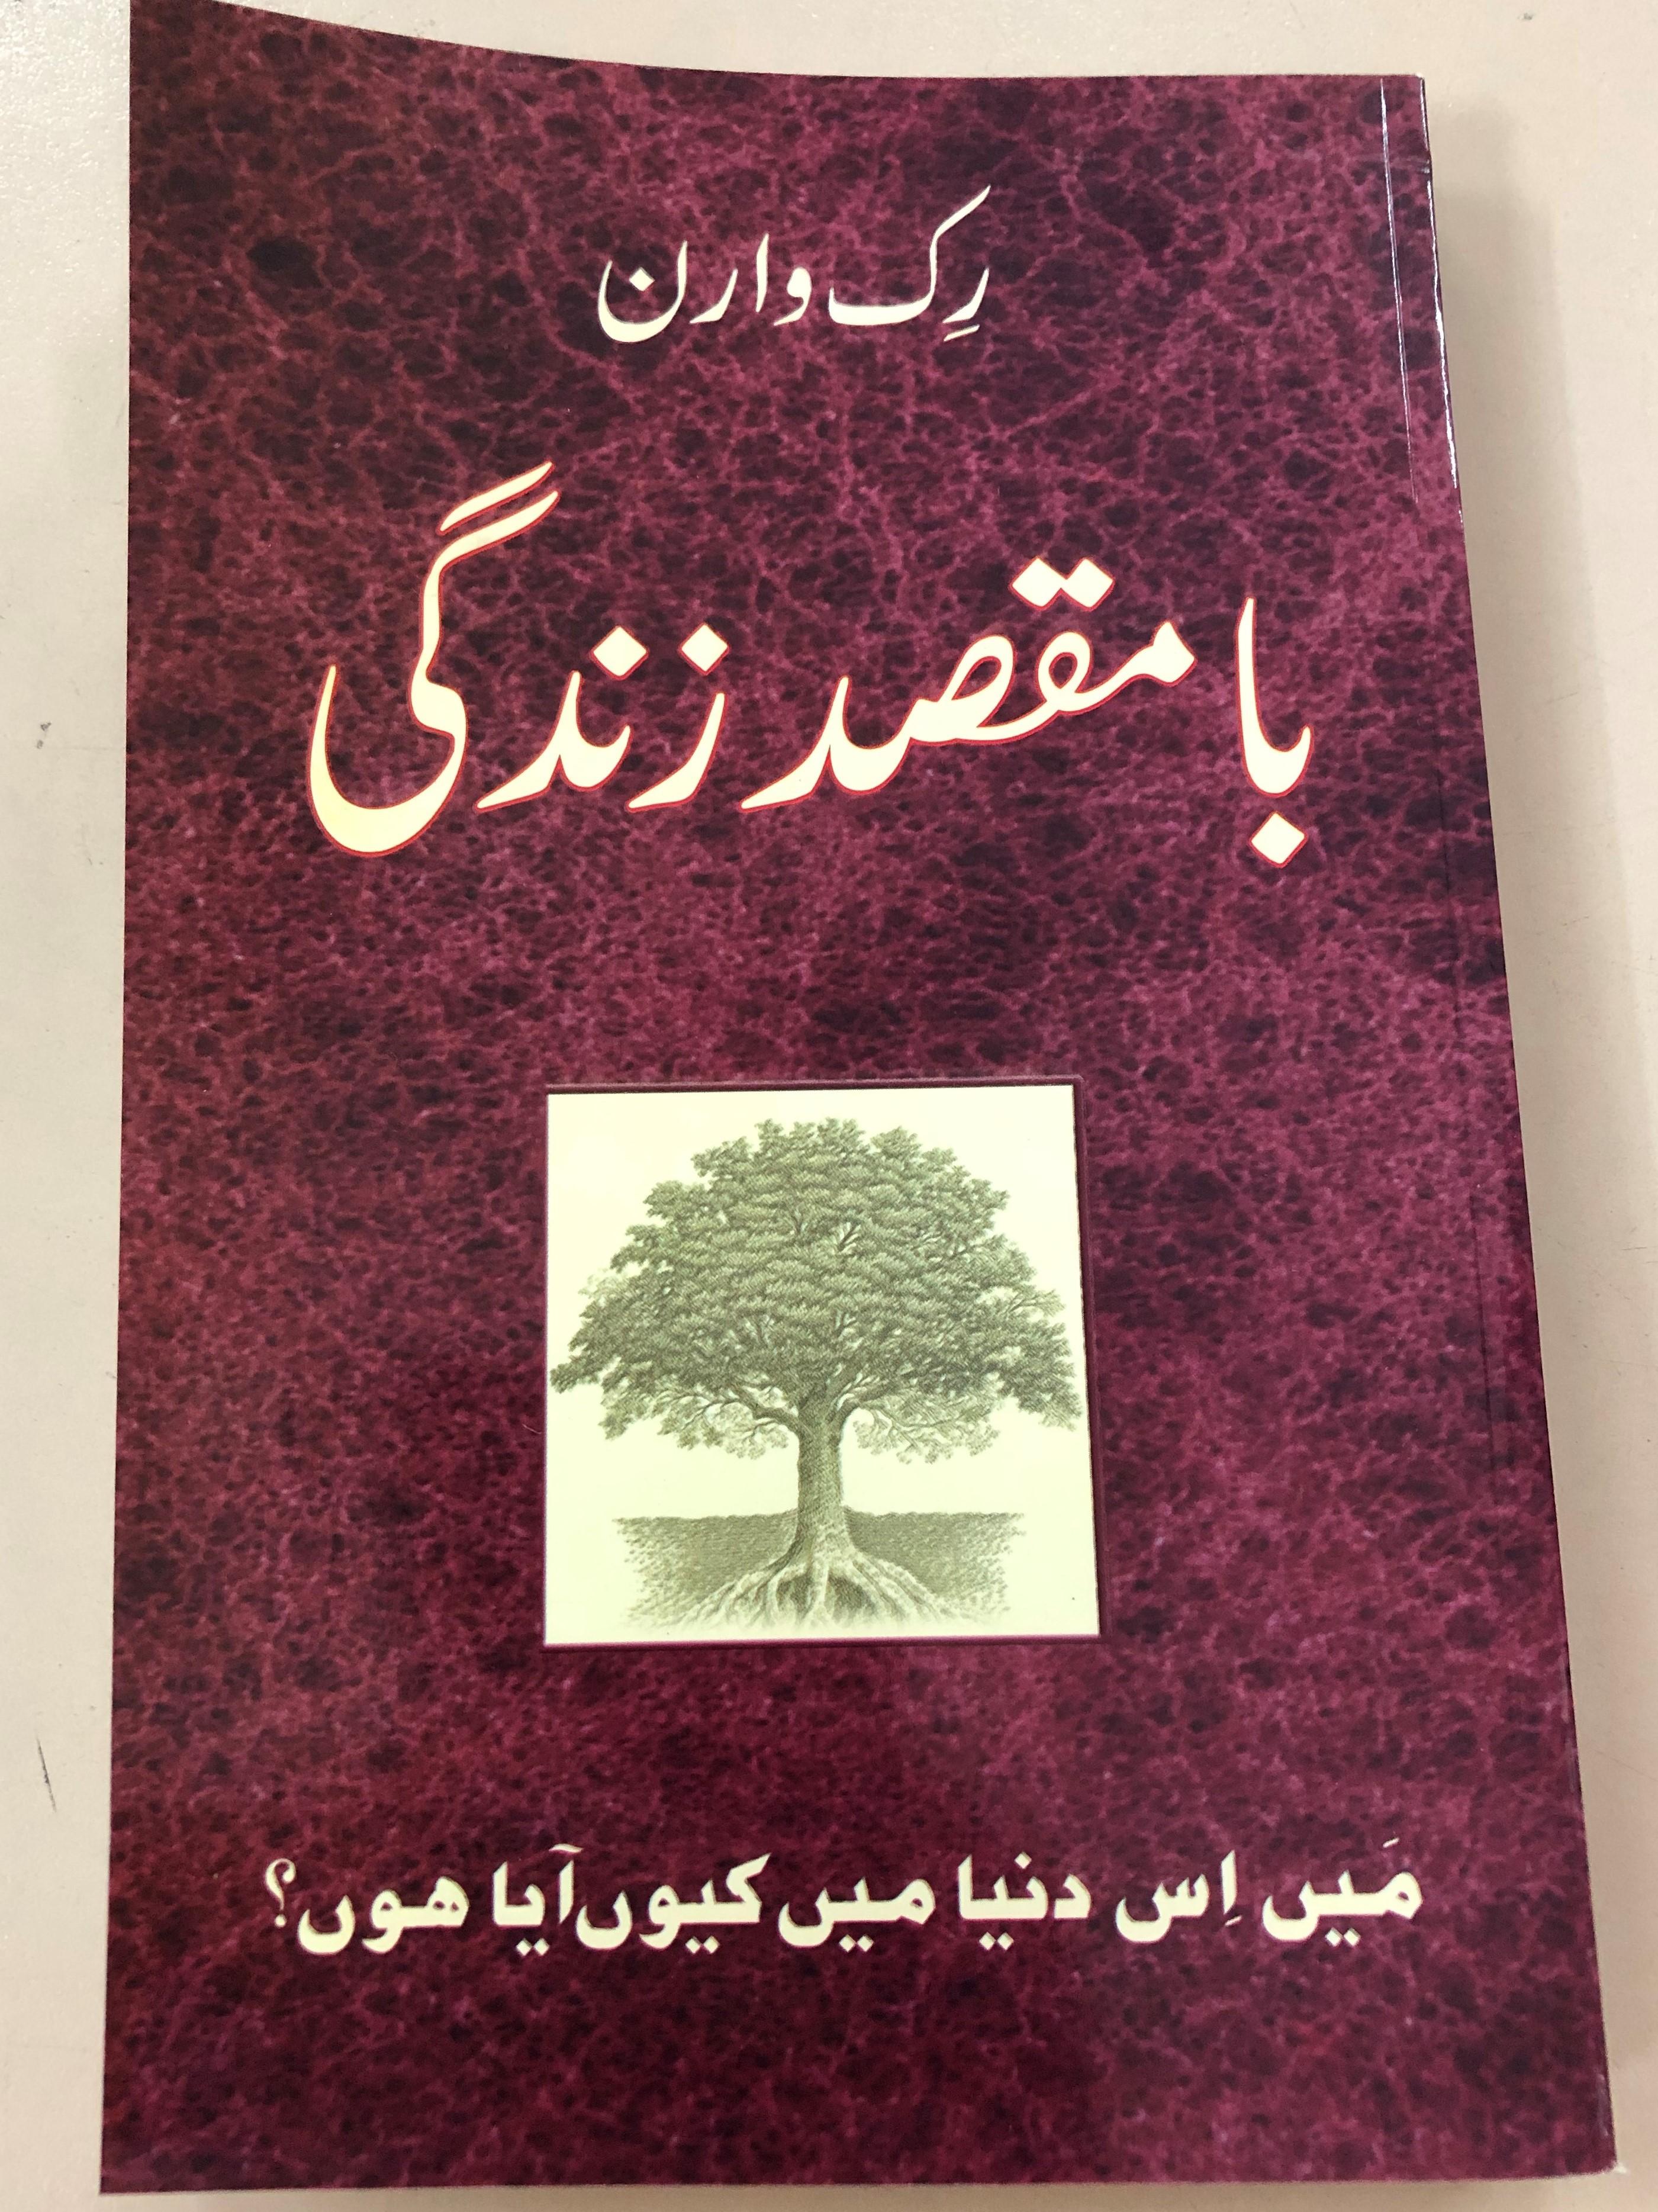 purpose-driven-life-in-urdu-by-rick-warren-masihi-isha-at-khana-paperback-2019-1-.jpg